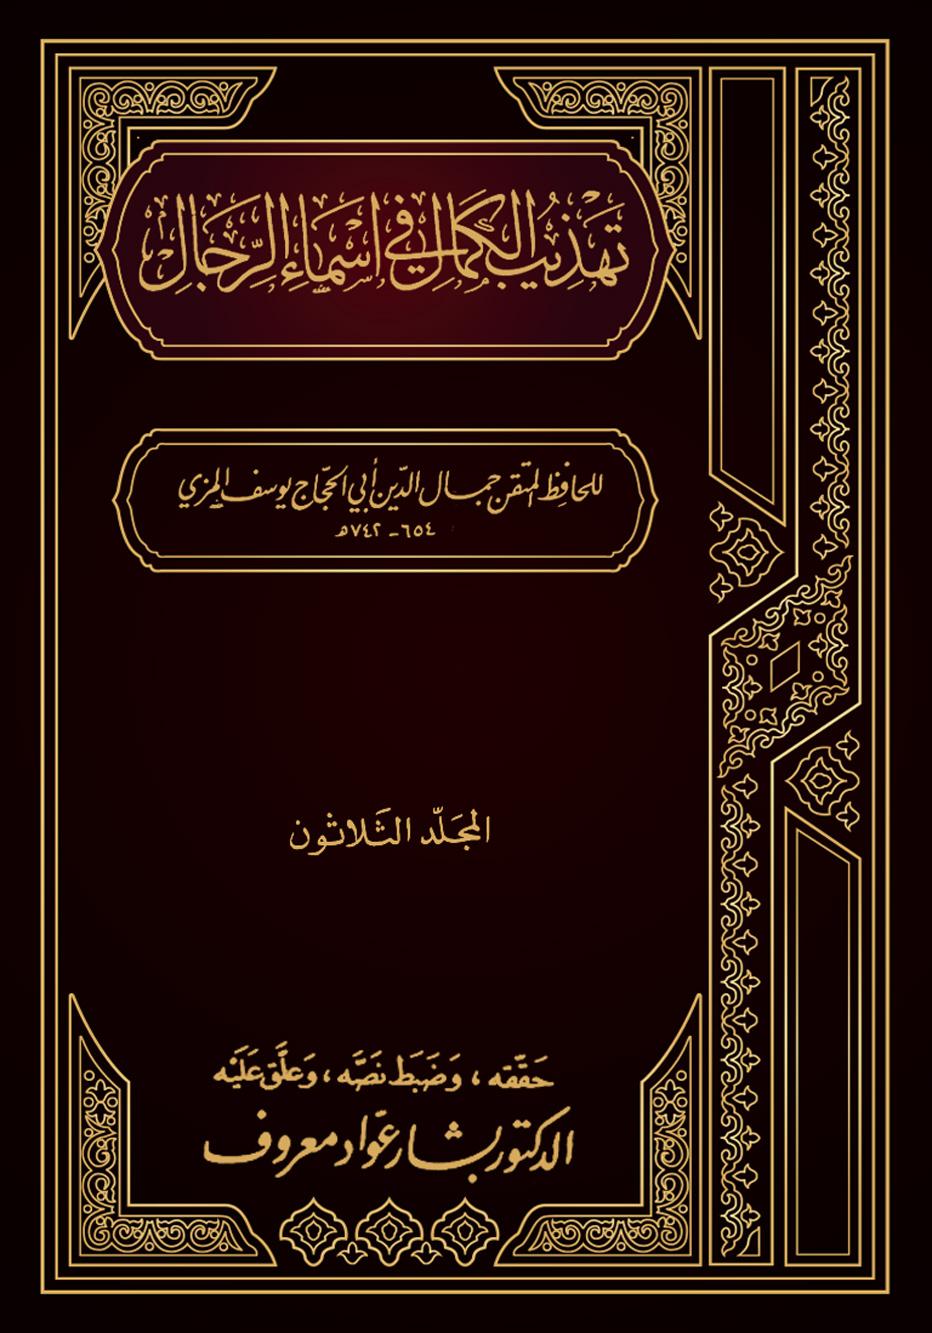 تهذيب الكمال في أسماء الرجال (المجلد الثلاثون – نفيع – وكيع)